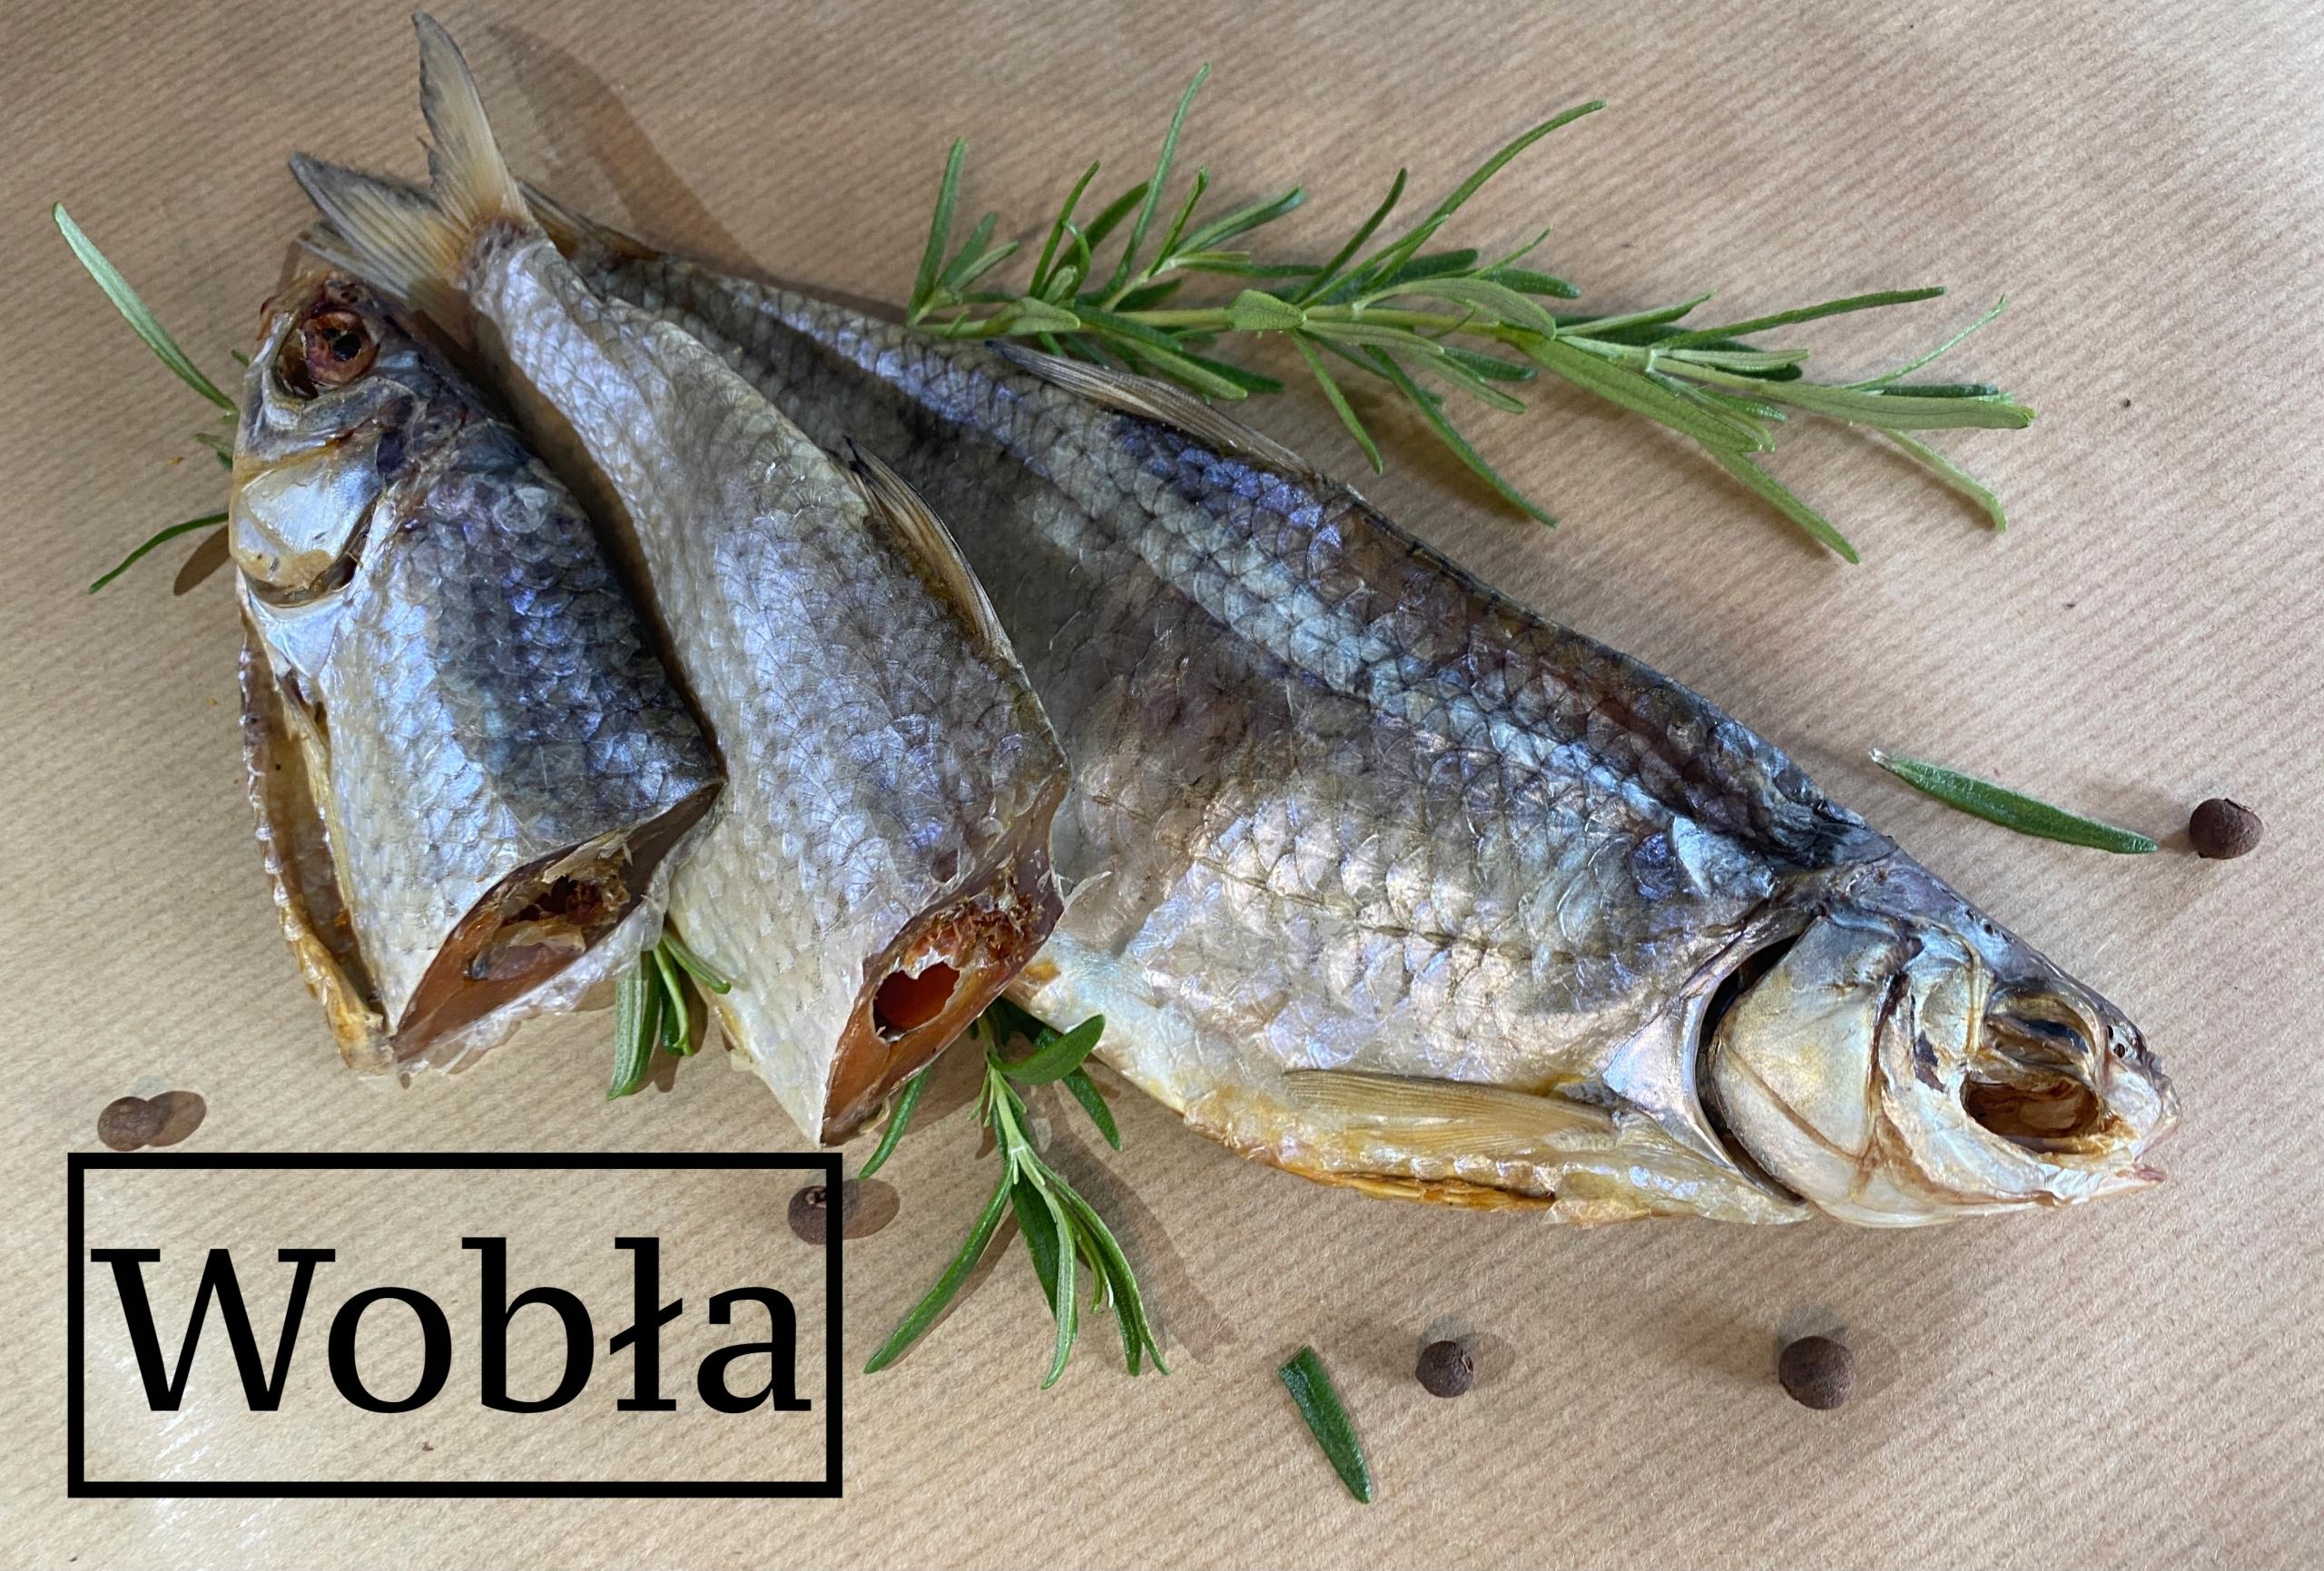 Вобла (каспийская плотва) Вяленая рыба 1000 +/- 10г